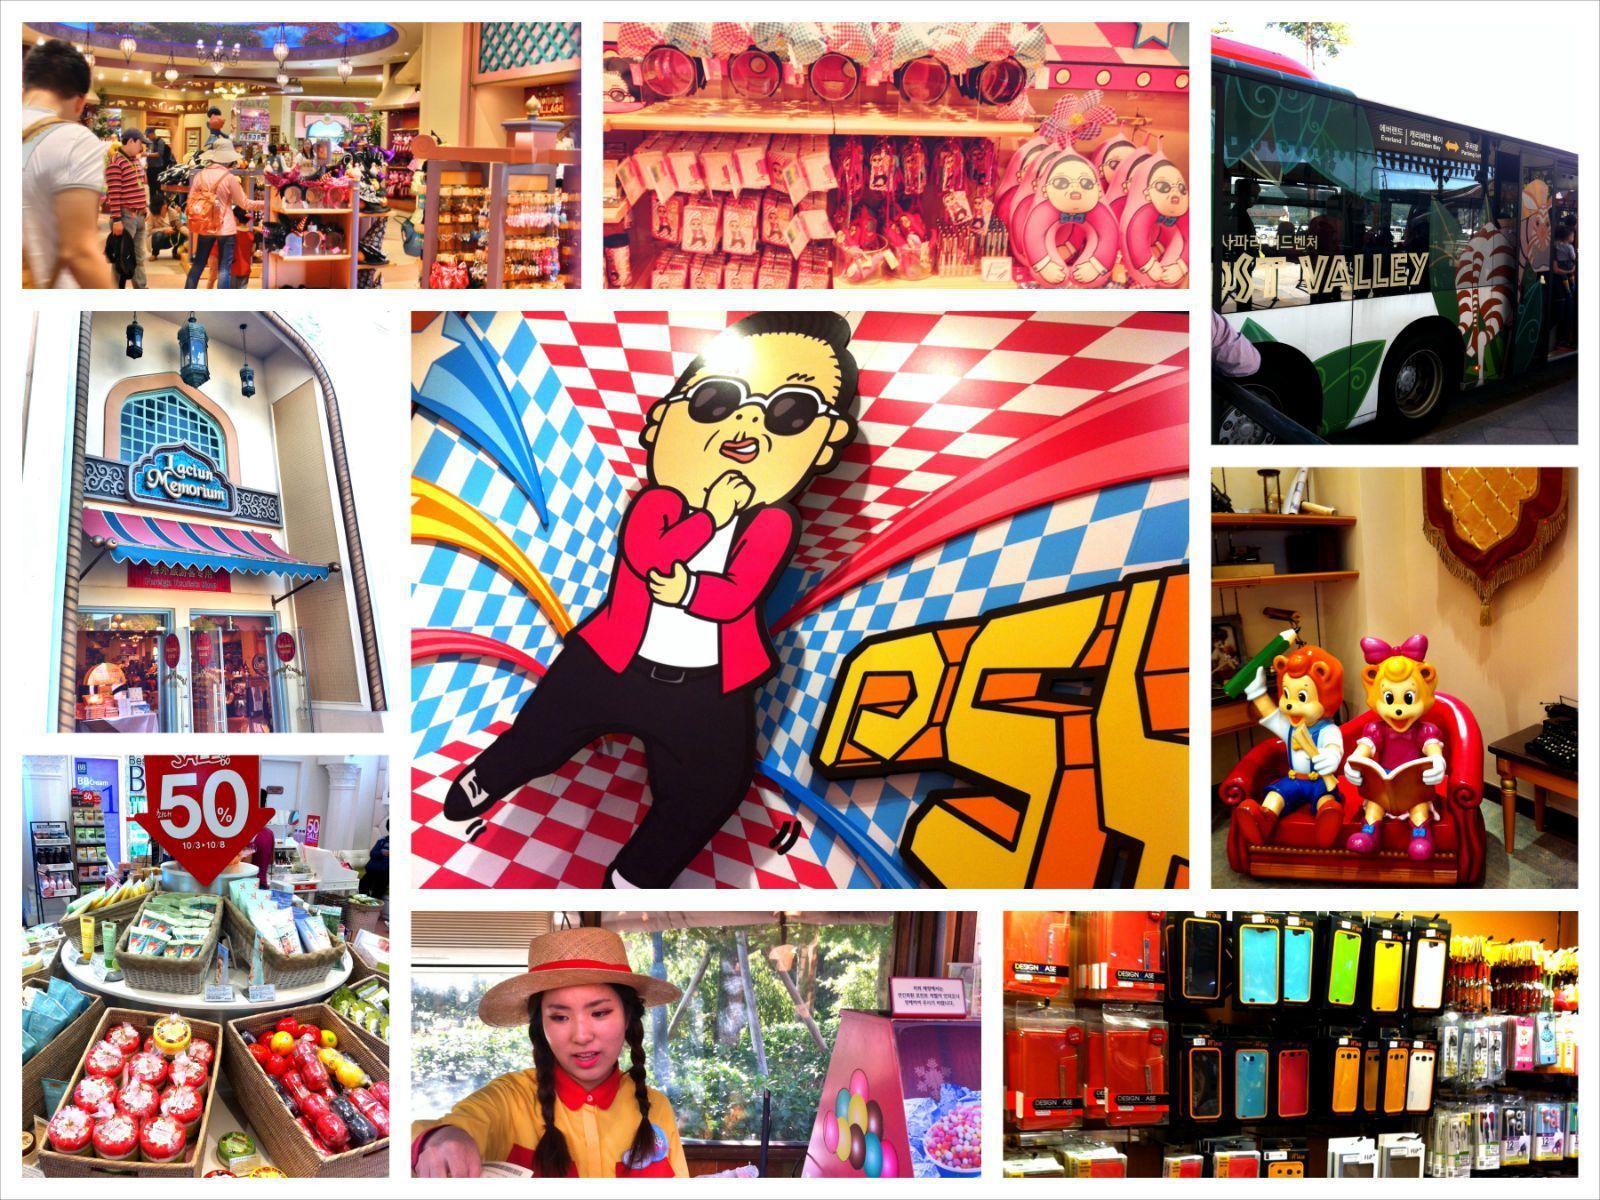 地球村街的各式纪念品商店